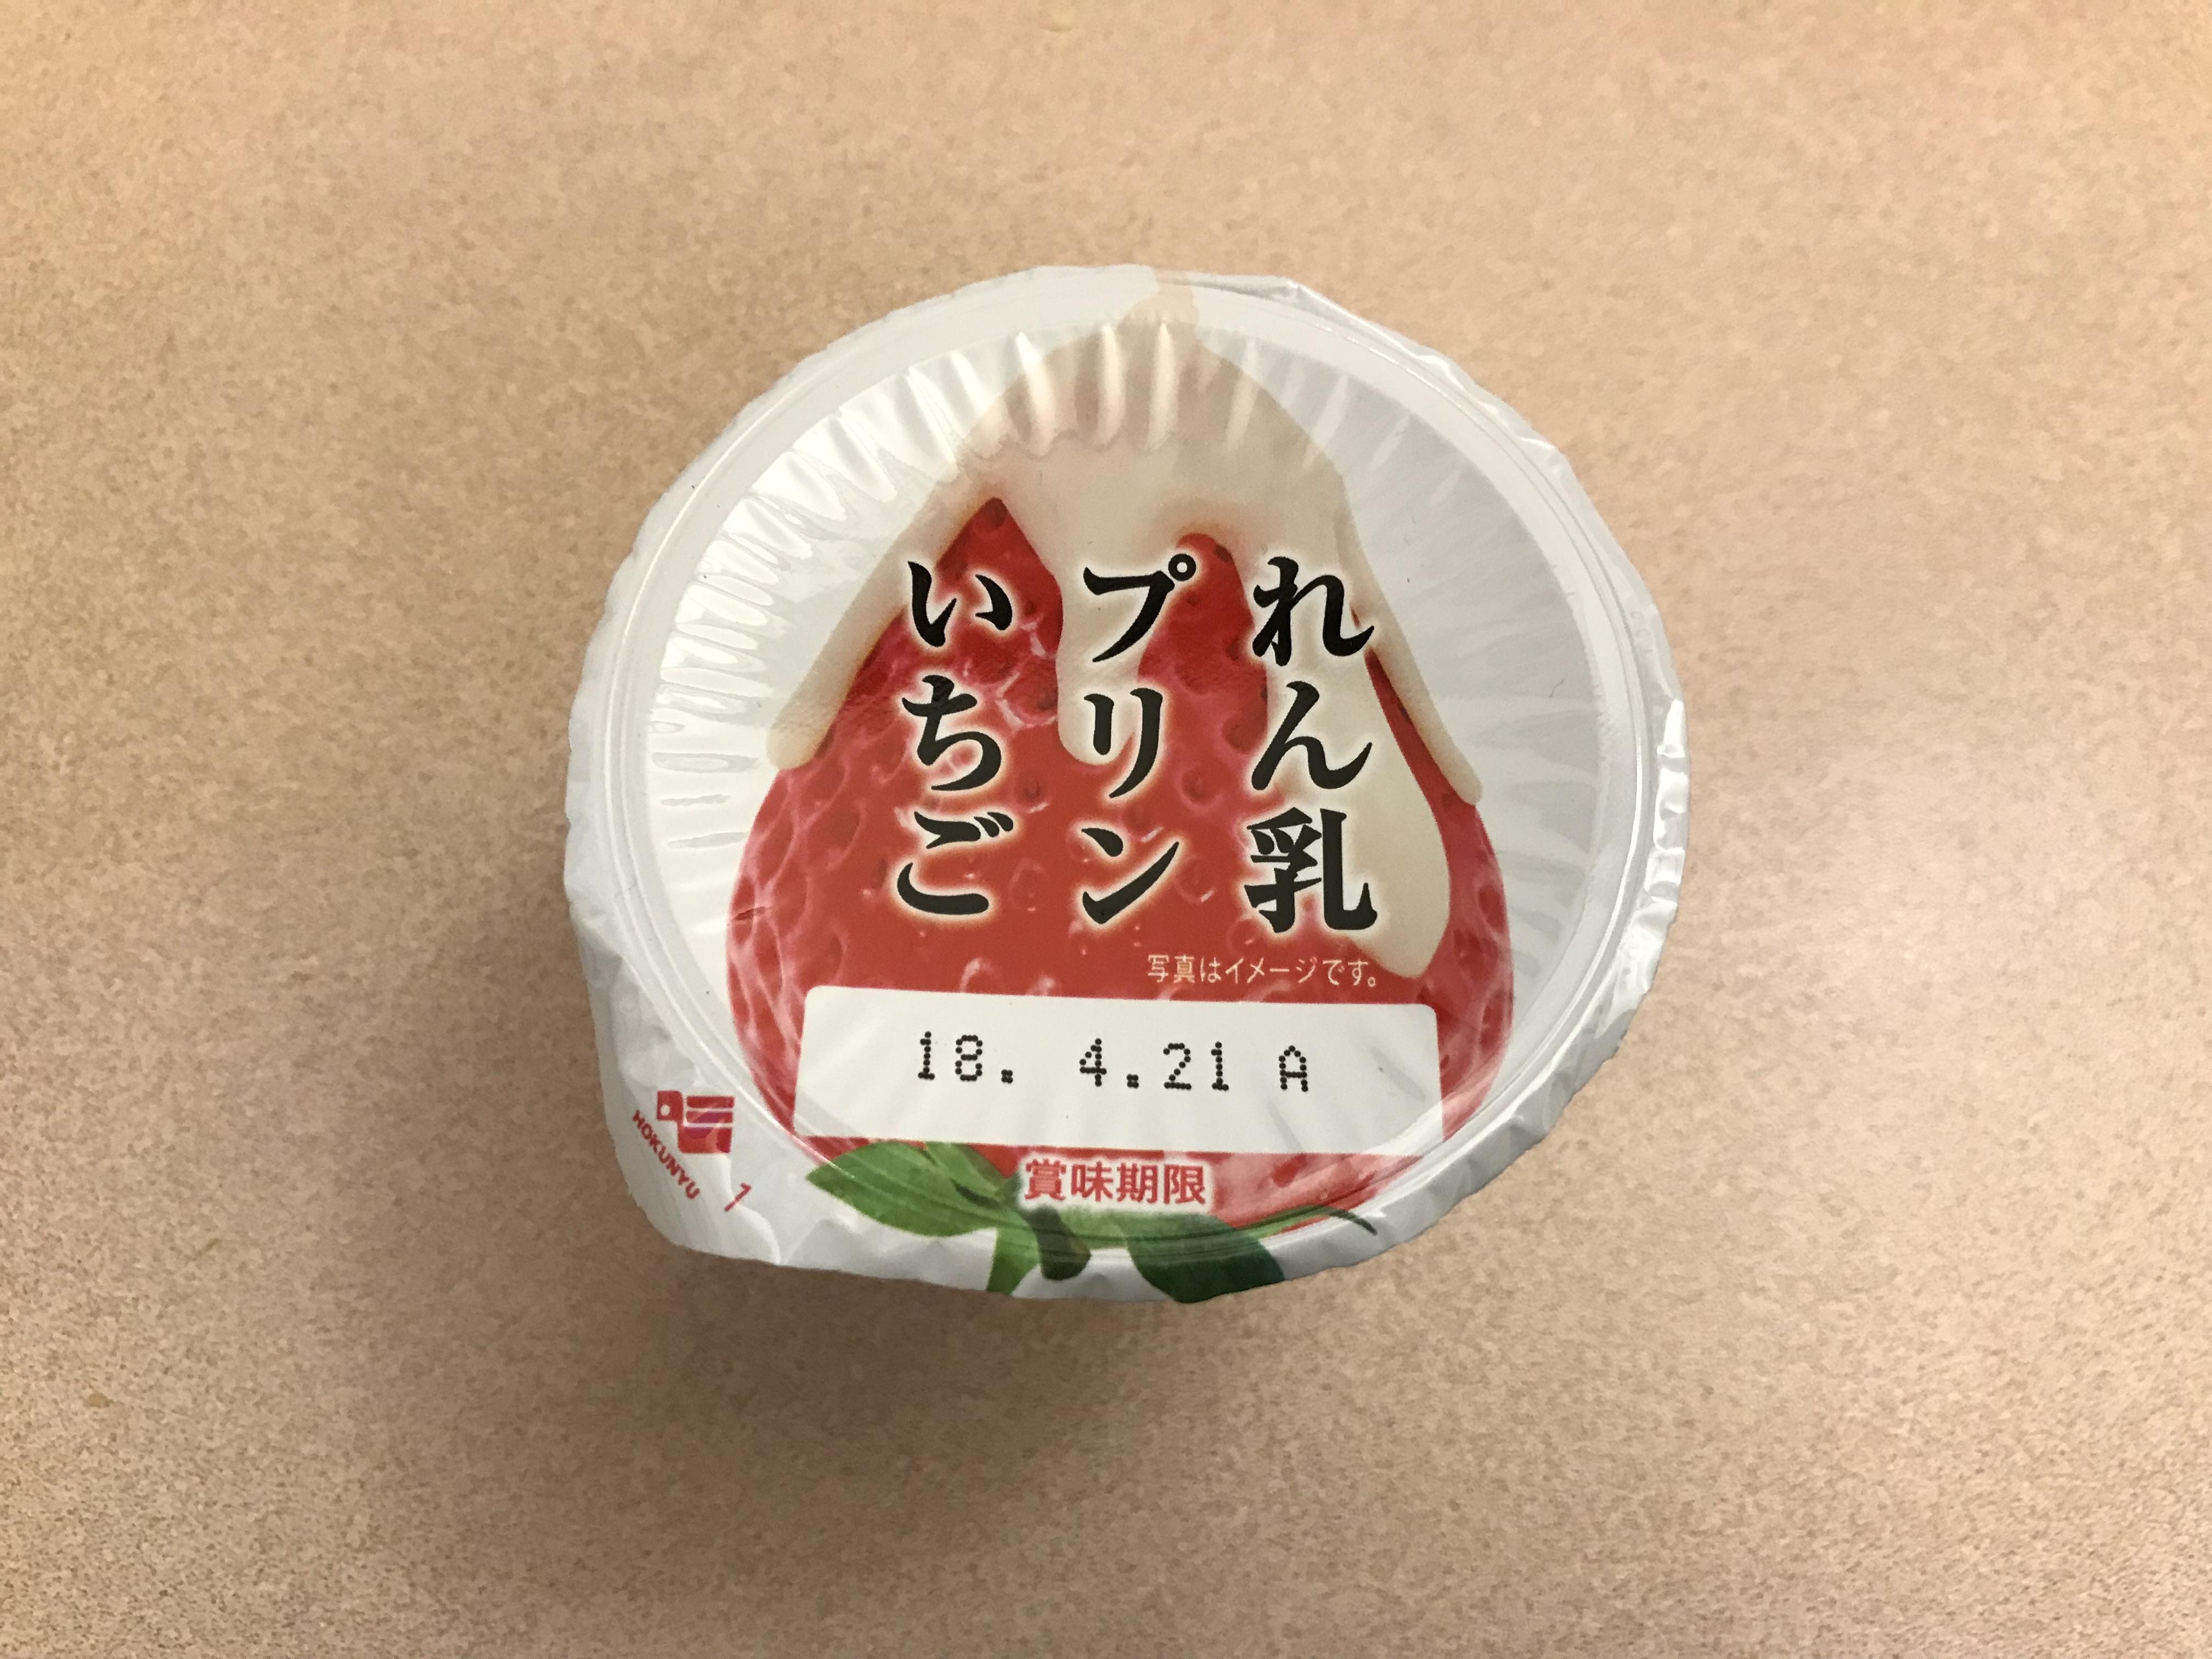 그냥 딸기우유 젤리맛 났어; [홋카이도유업]연..